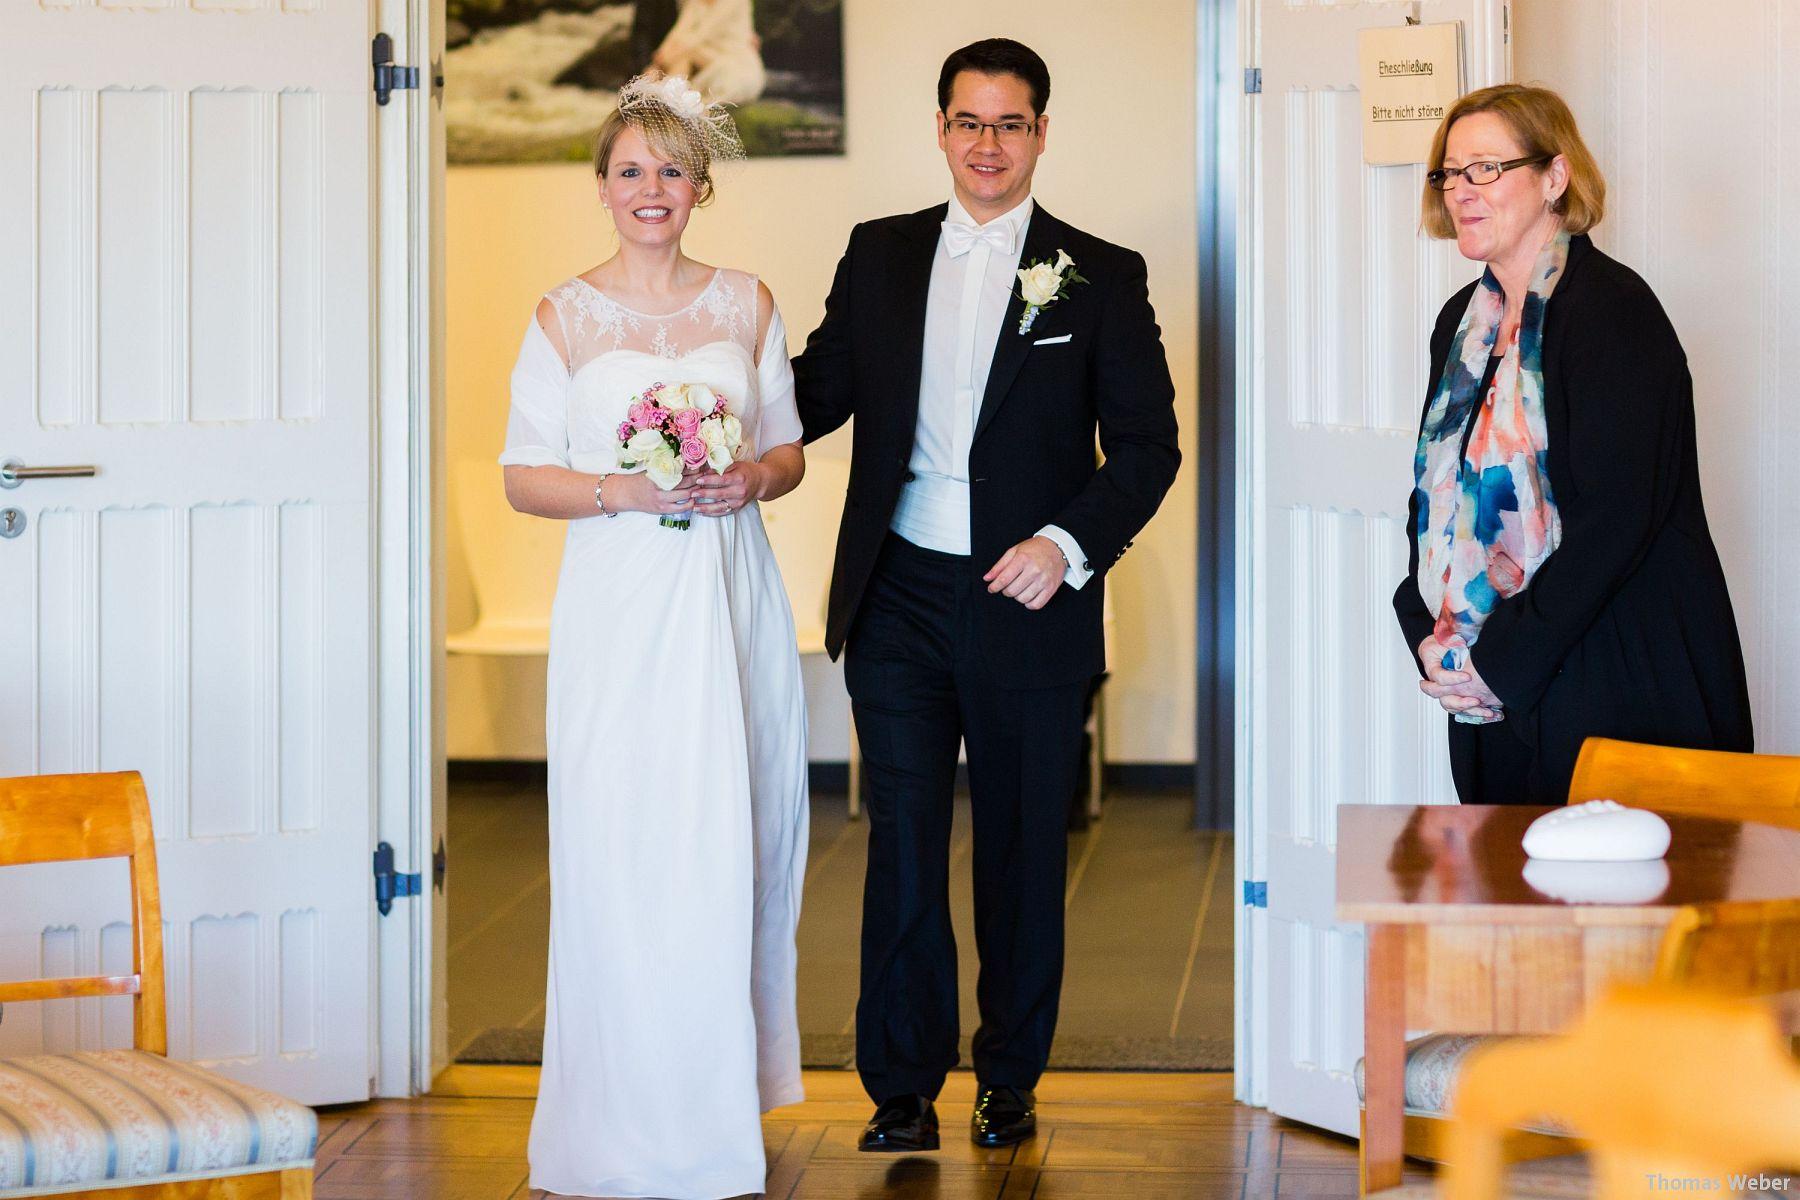 Hochzeitsfotograf Goslar: Standesamtliche Trauung in der Kaiserpfalz in Goslar (Harz) (16)